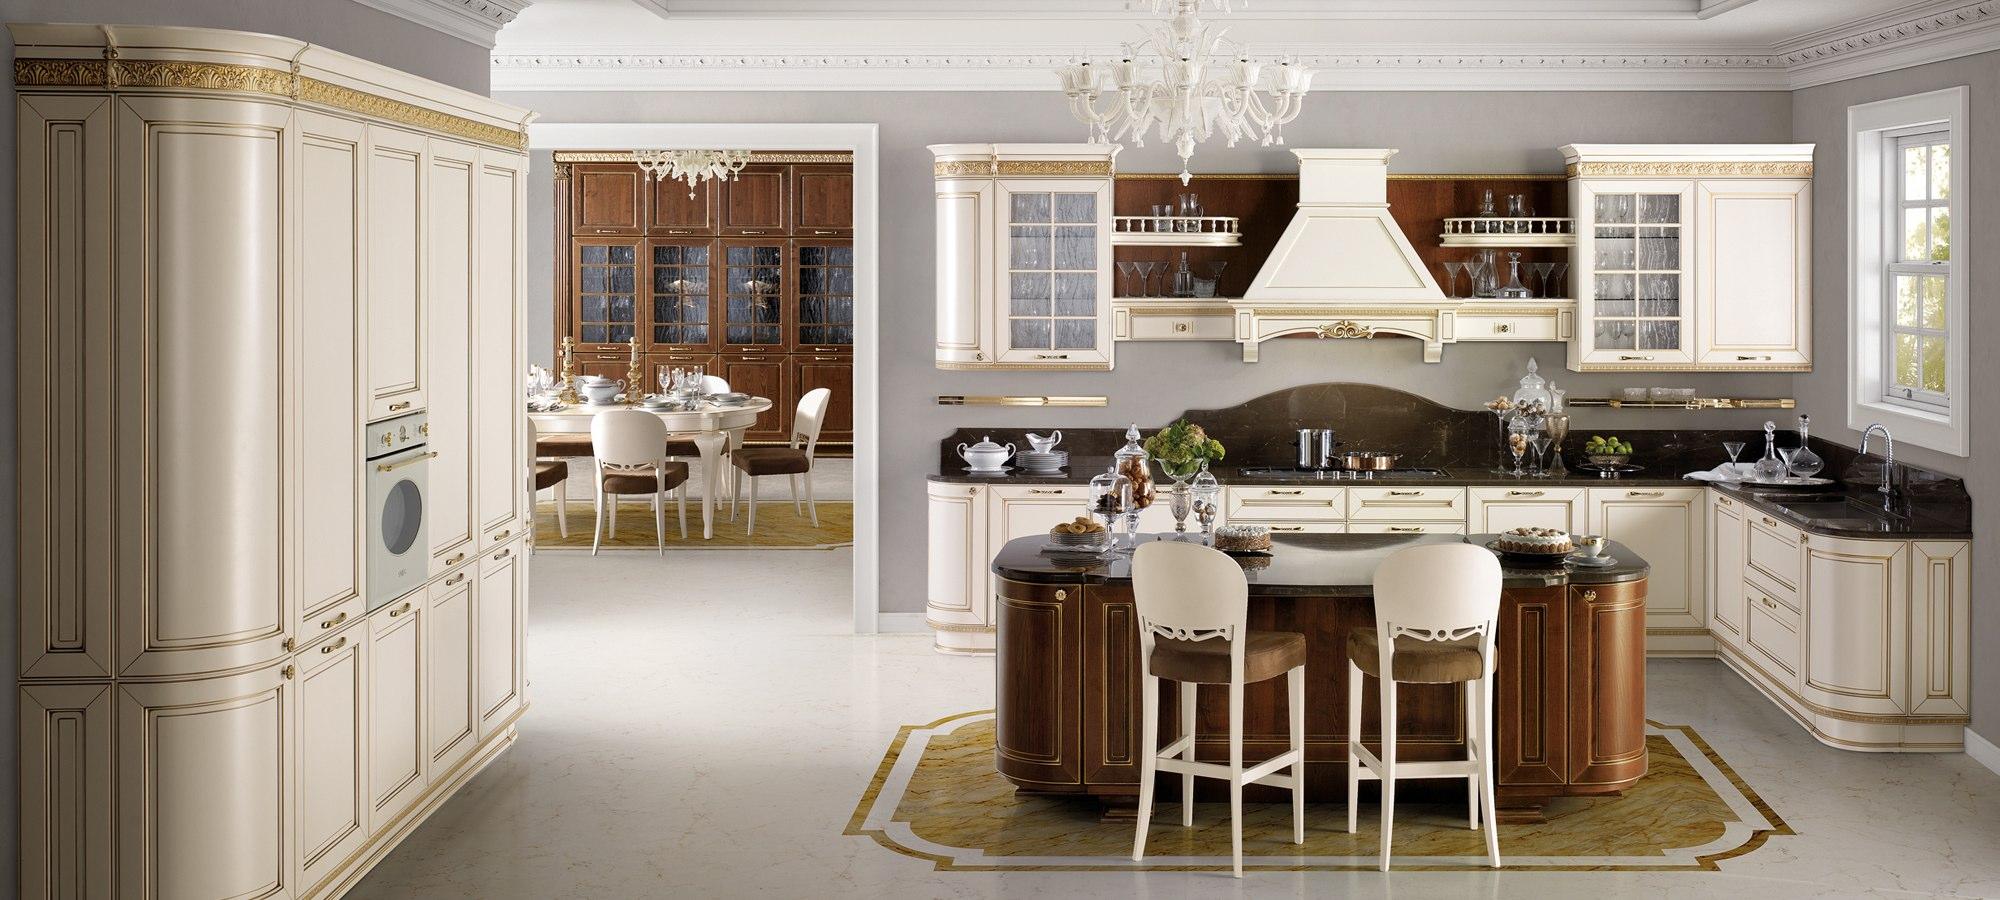 Klassisch - Adda Möbel - die beste Möbel aus Italien